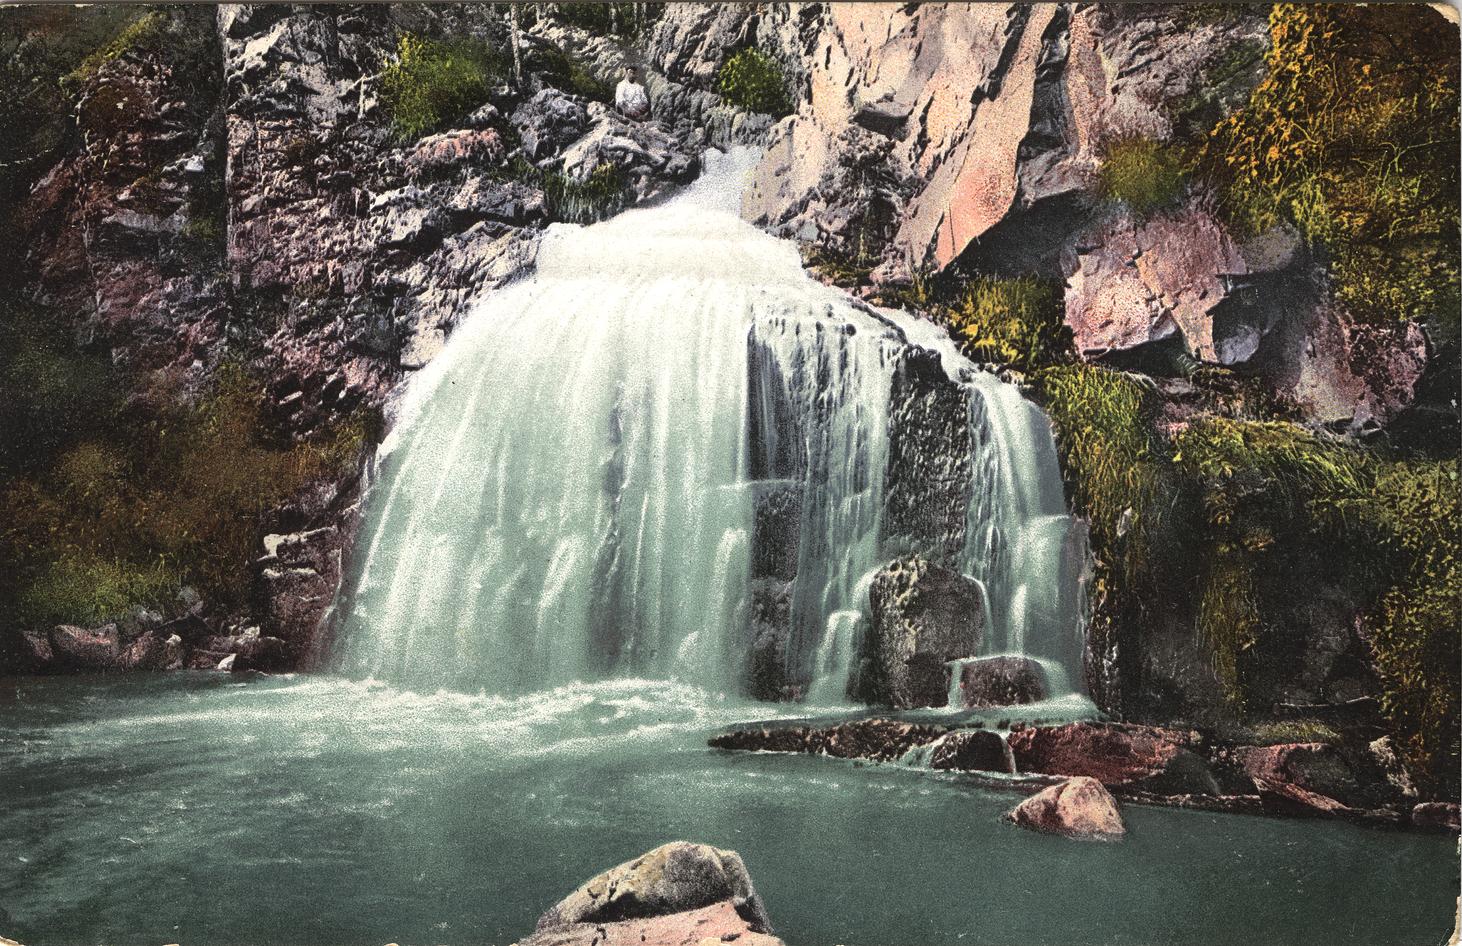 Водопад Камышла. Расположен при впадении реки Камышла в реку Катунь